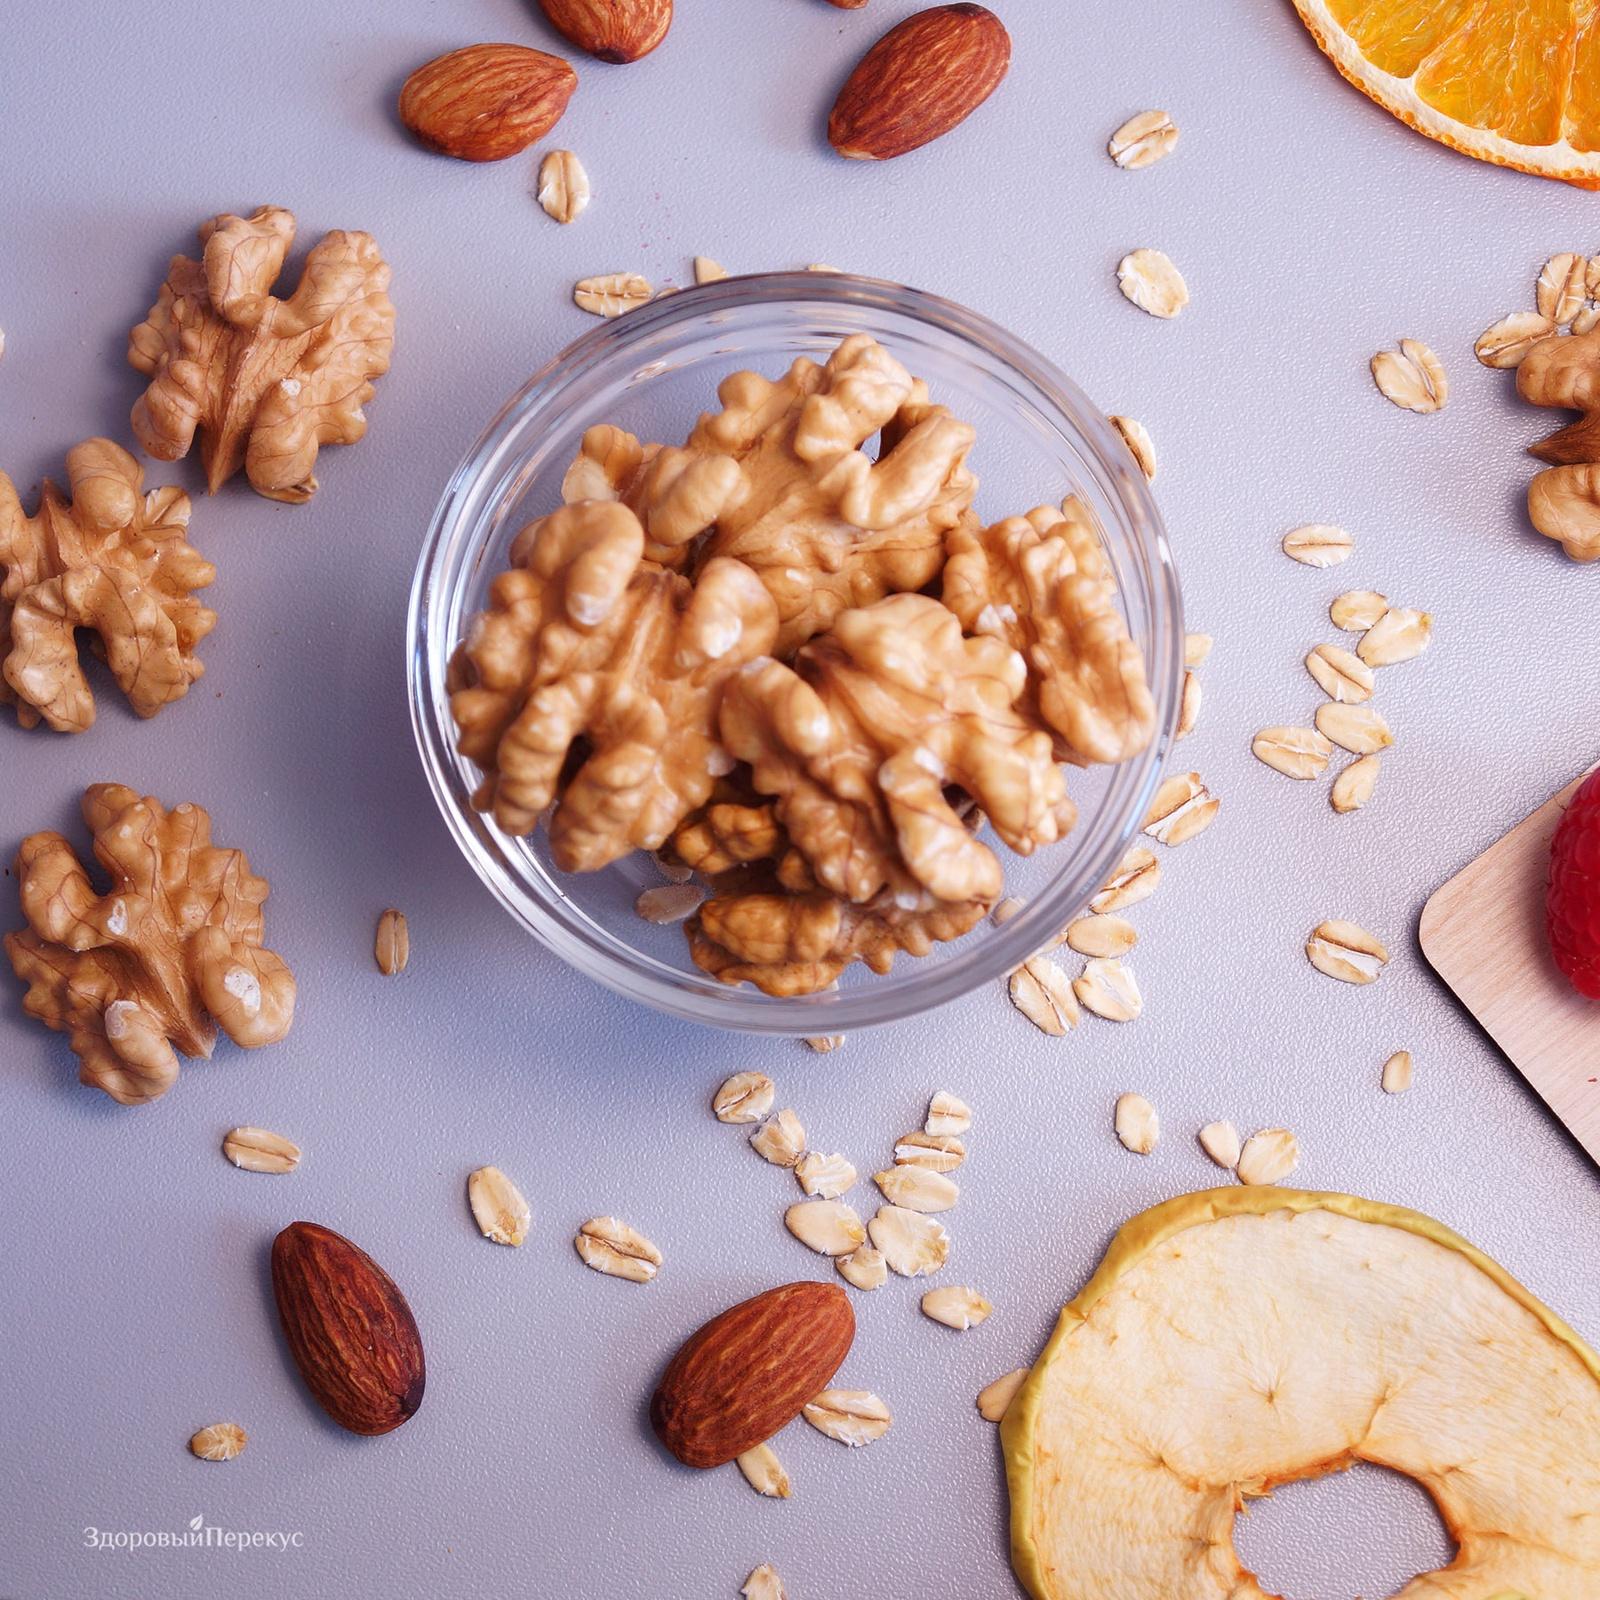 Орехи Диета Номер 1. Диета стол 1: меню питания на неделю и каждый день, что можно, а что нельзя кушать